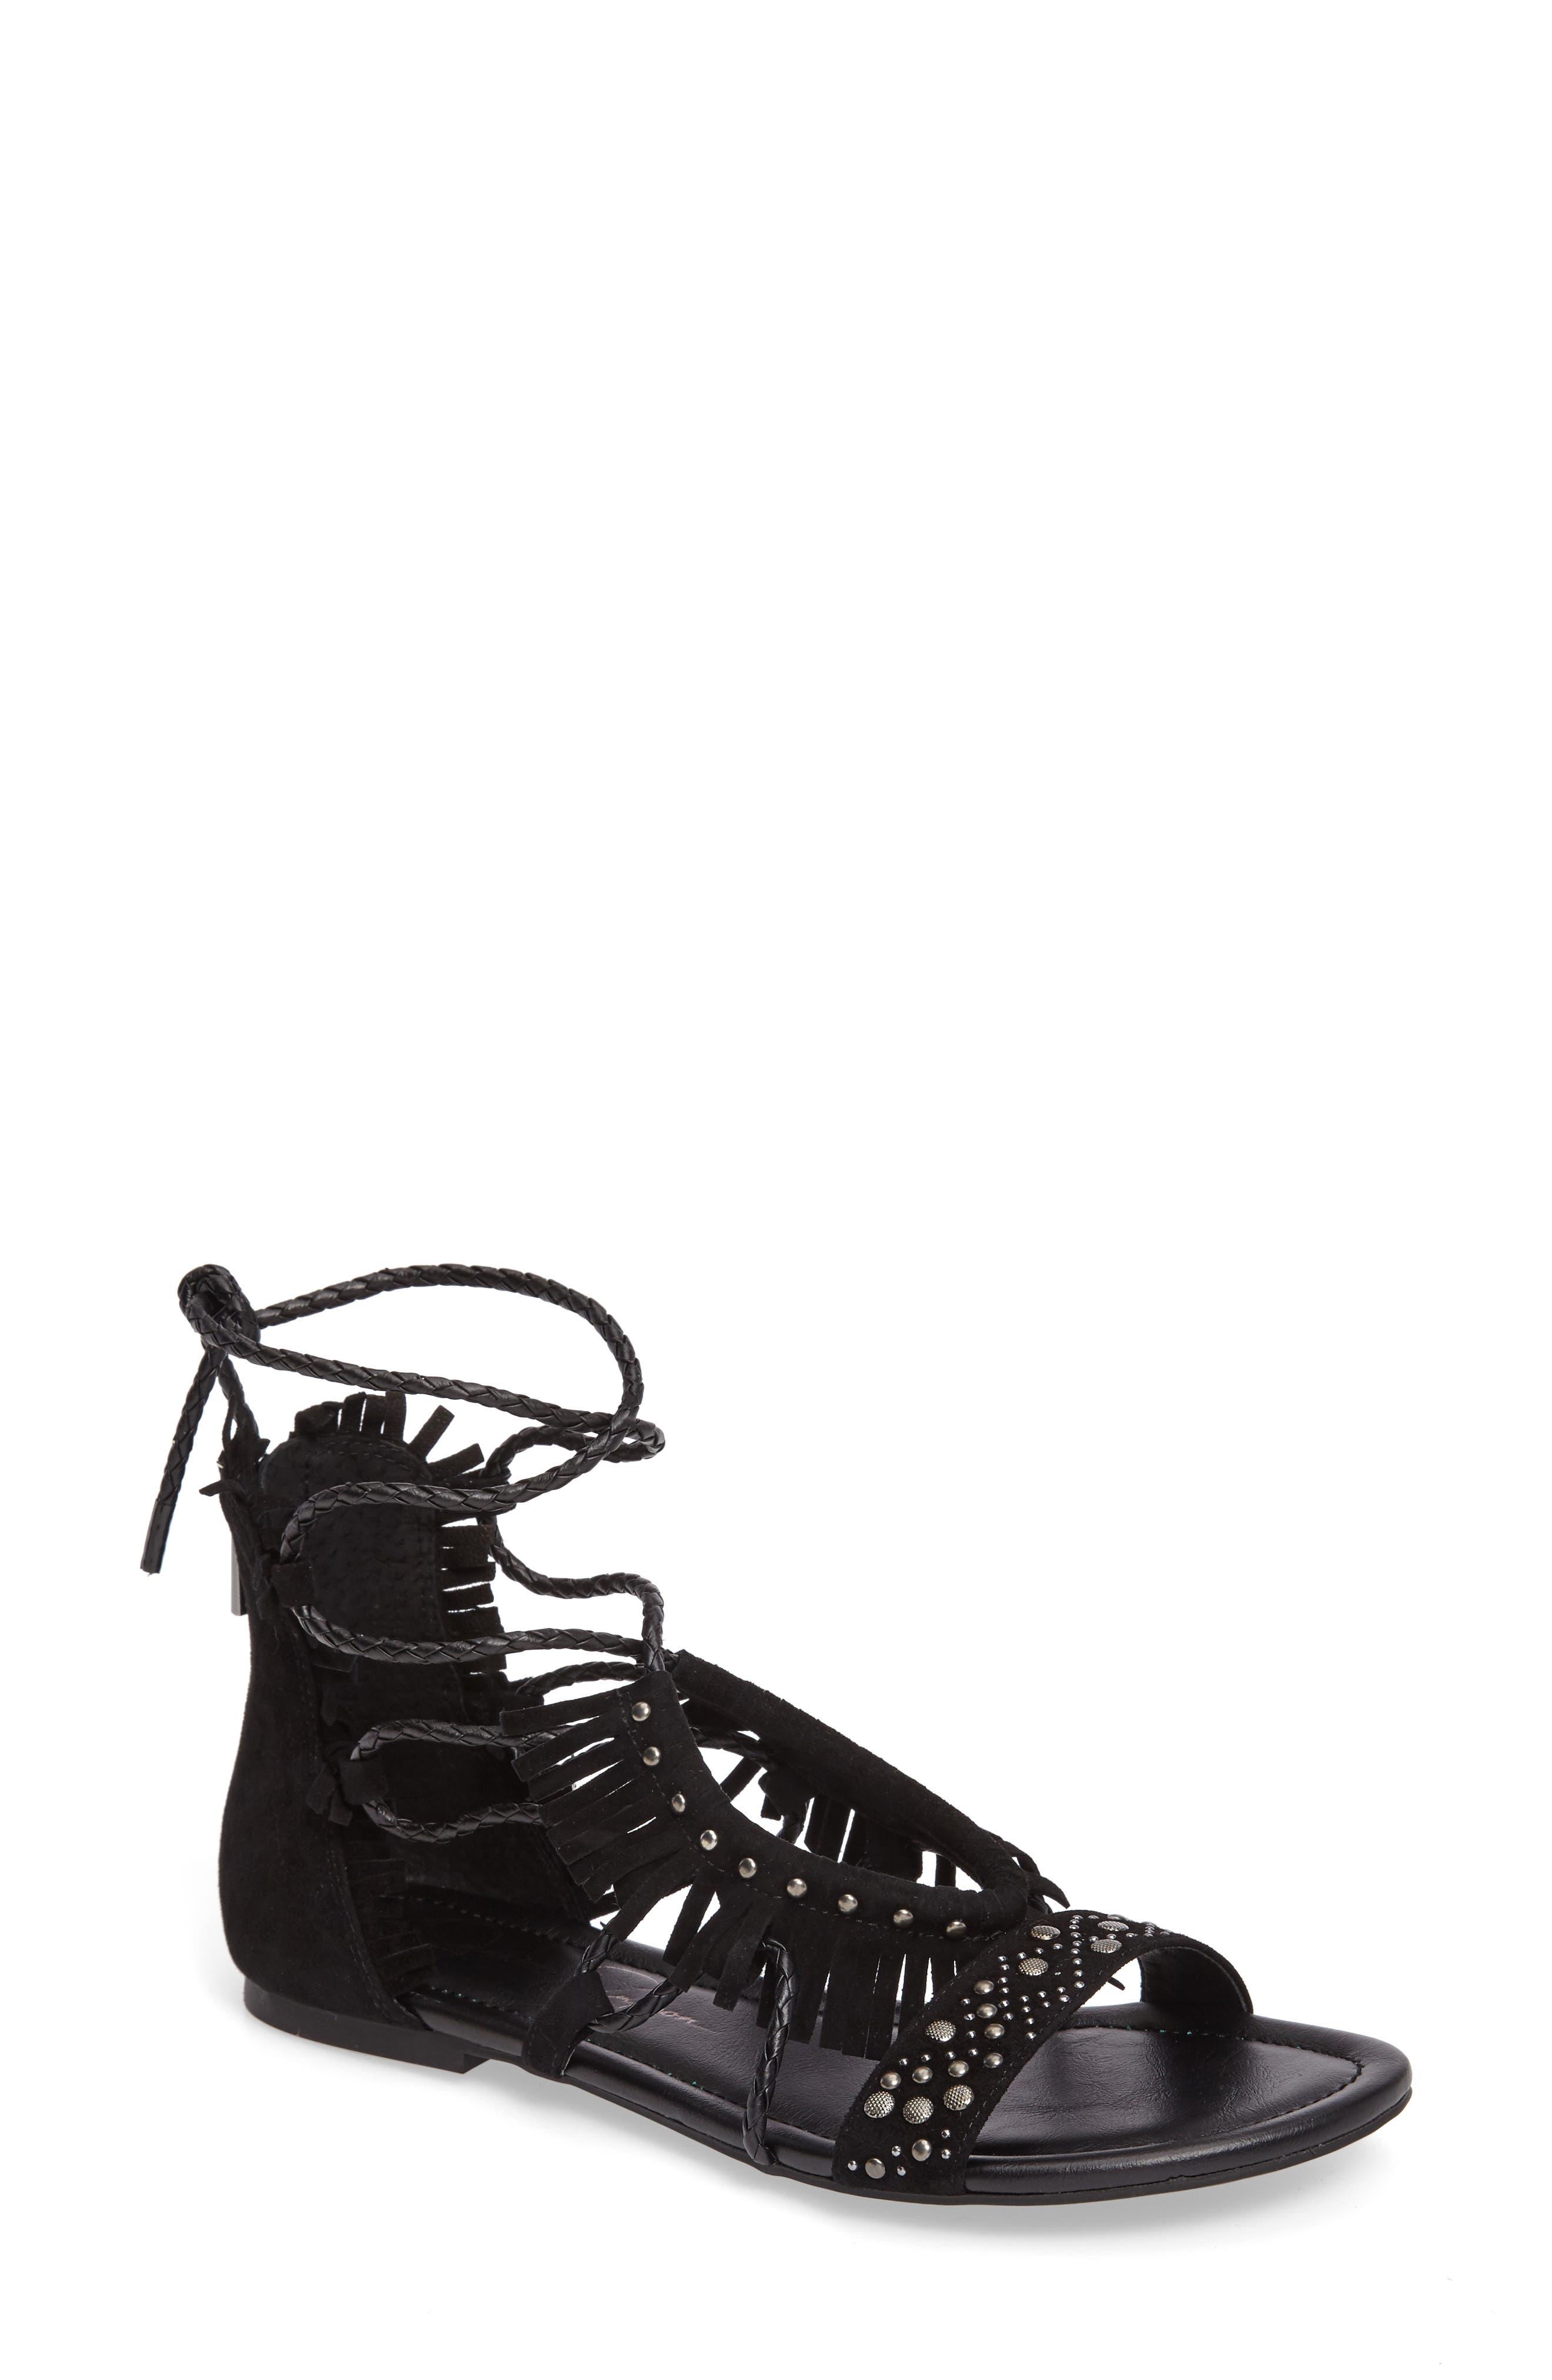 JESSICA SIMPSON Kylea Studded Fringe Sandal